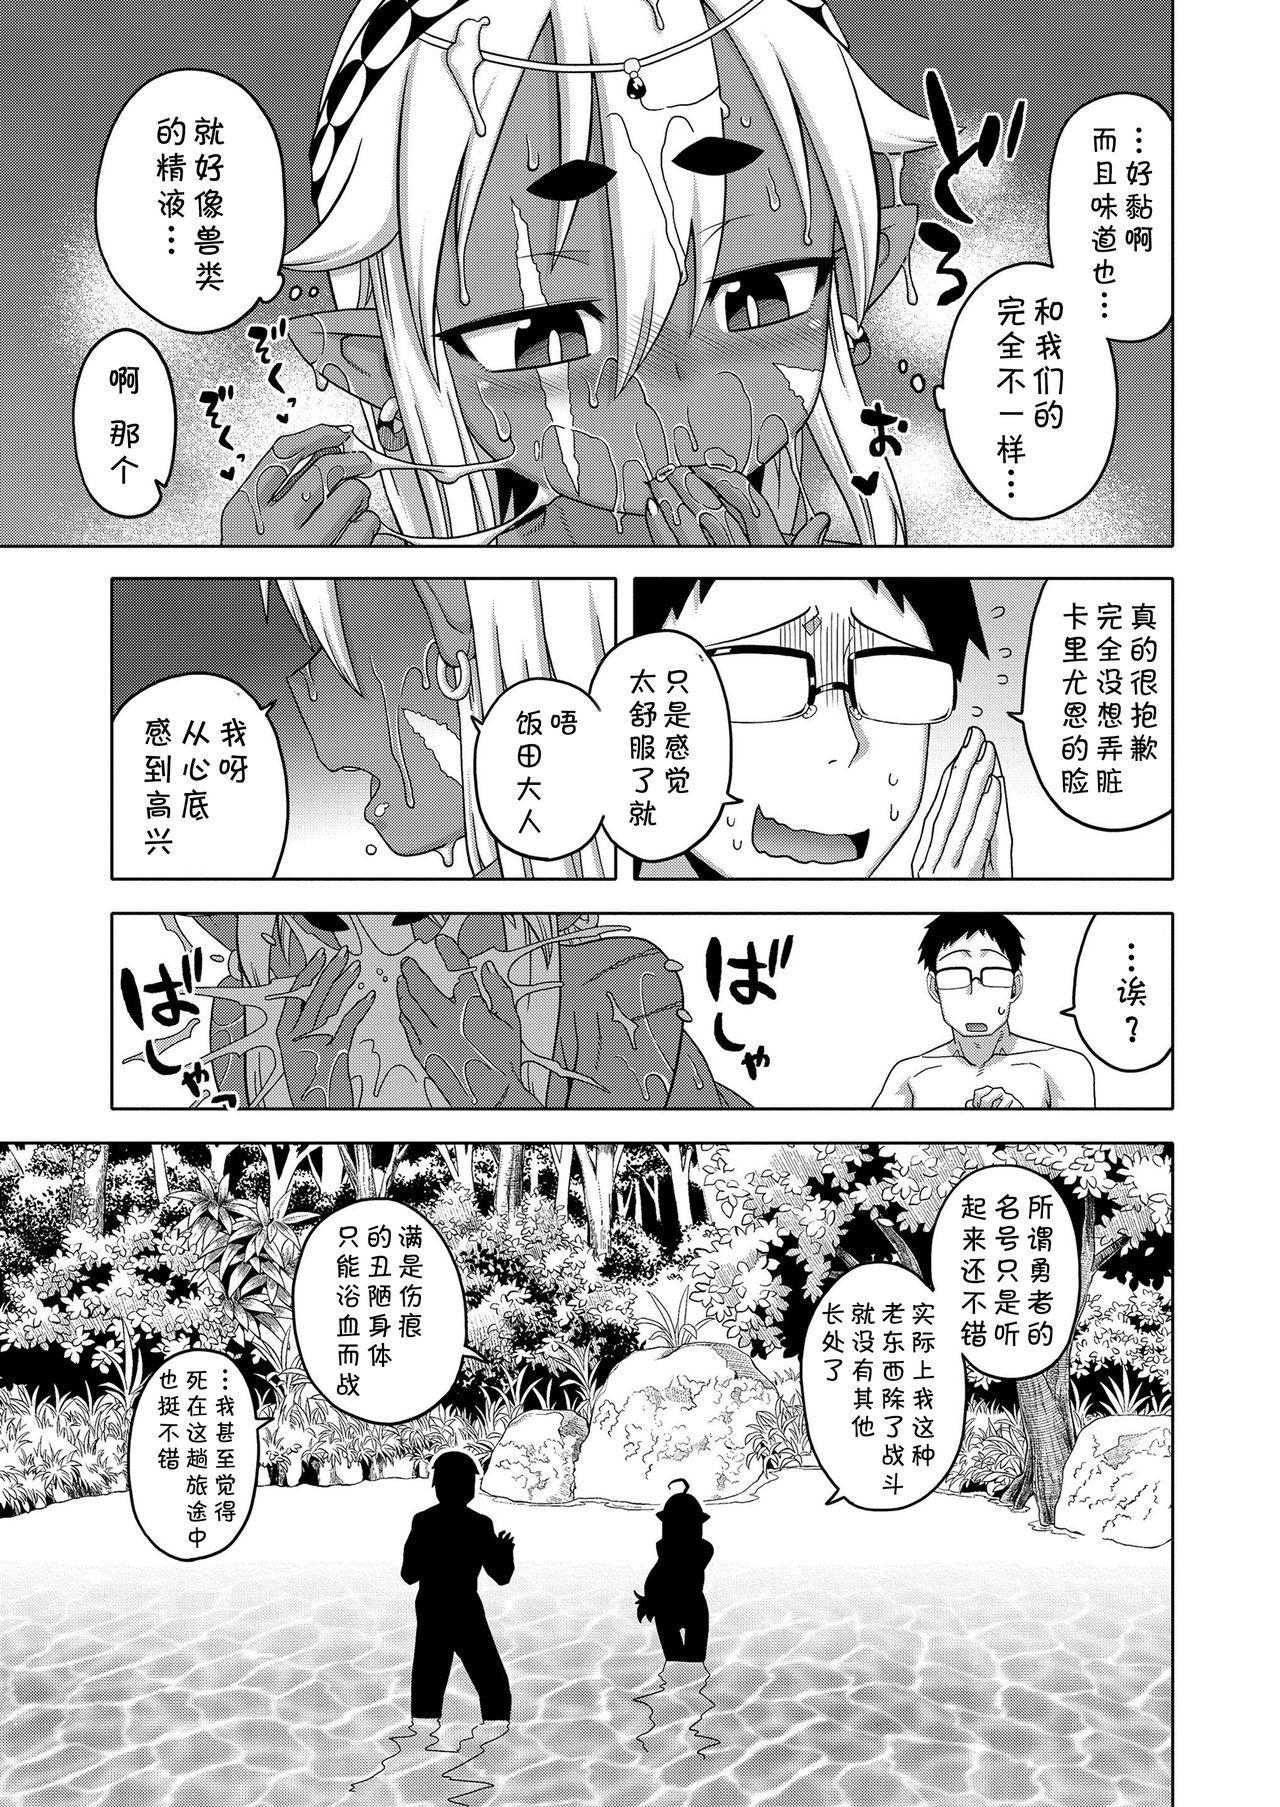 [Takatsu] Isekai de Elf no Yuusha(♂) ga Yome ni Natte Kureru You desu !? Ch.1-2 [Chinese] [theoldestcat汉化] [Digital] 16